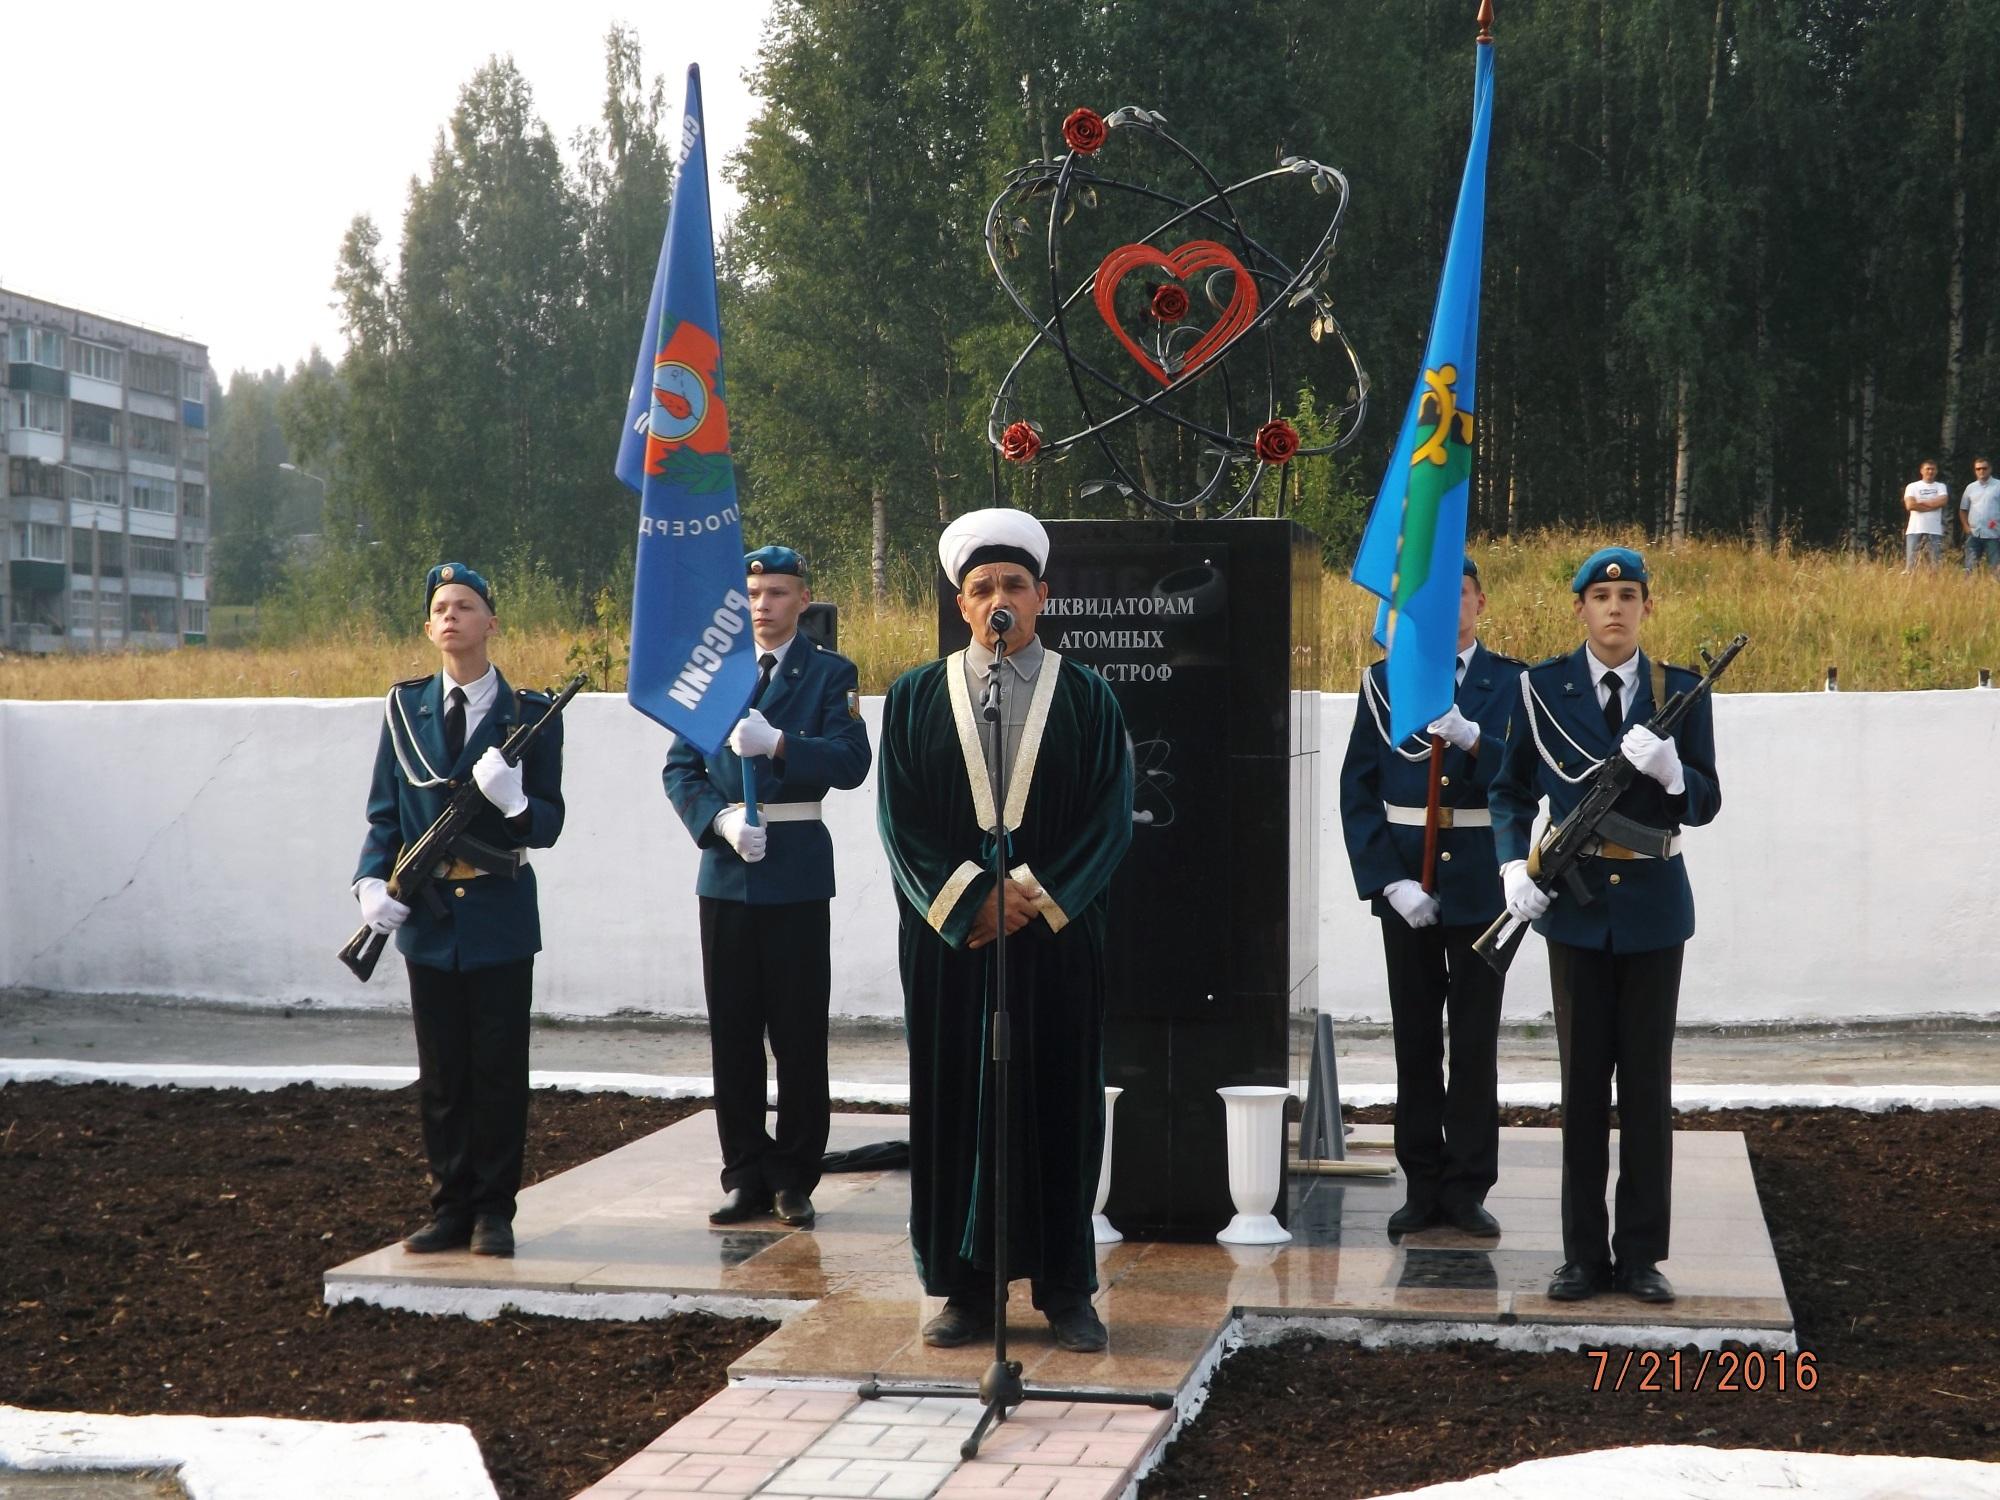 Мемориал «Ликвидаторам атомных катастроф» в Качканаре. На открытии памятника